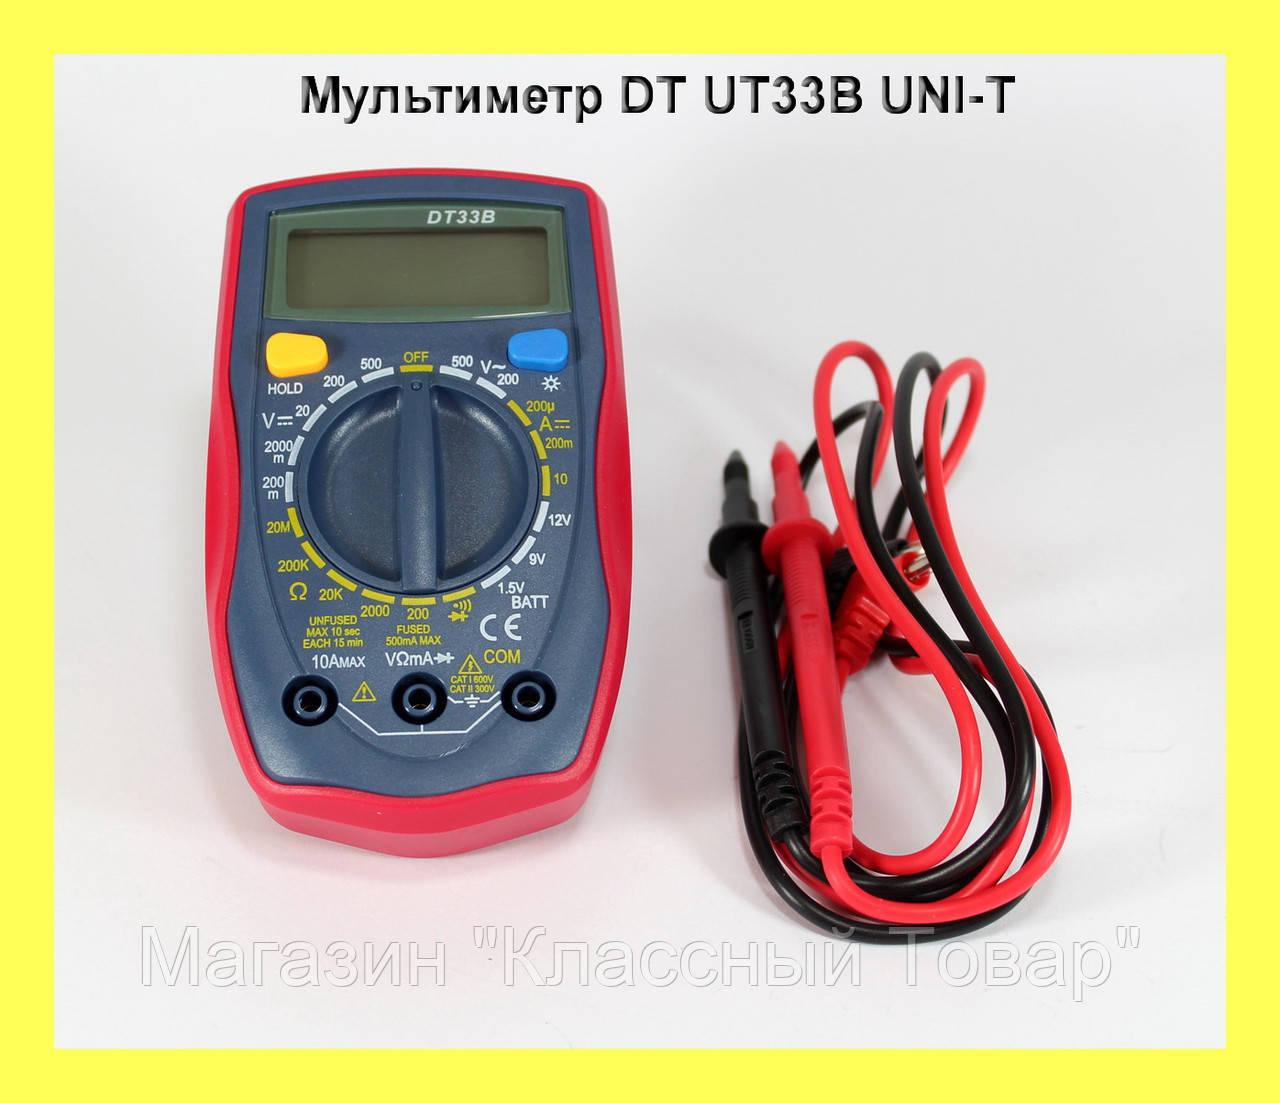 Мультиметр DT UT33B UNI-T!Лучший подарок